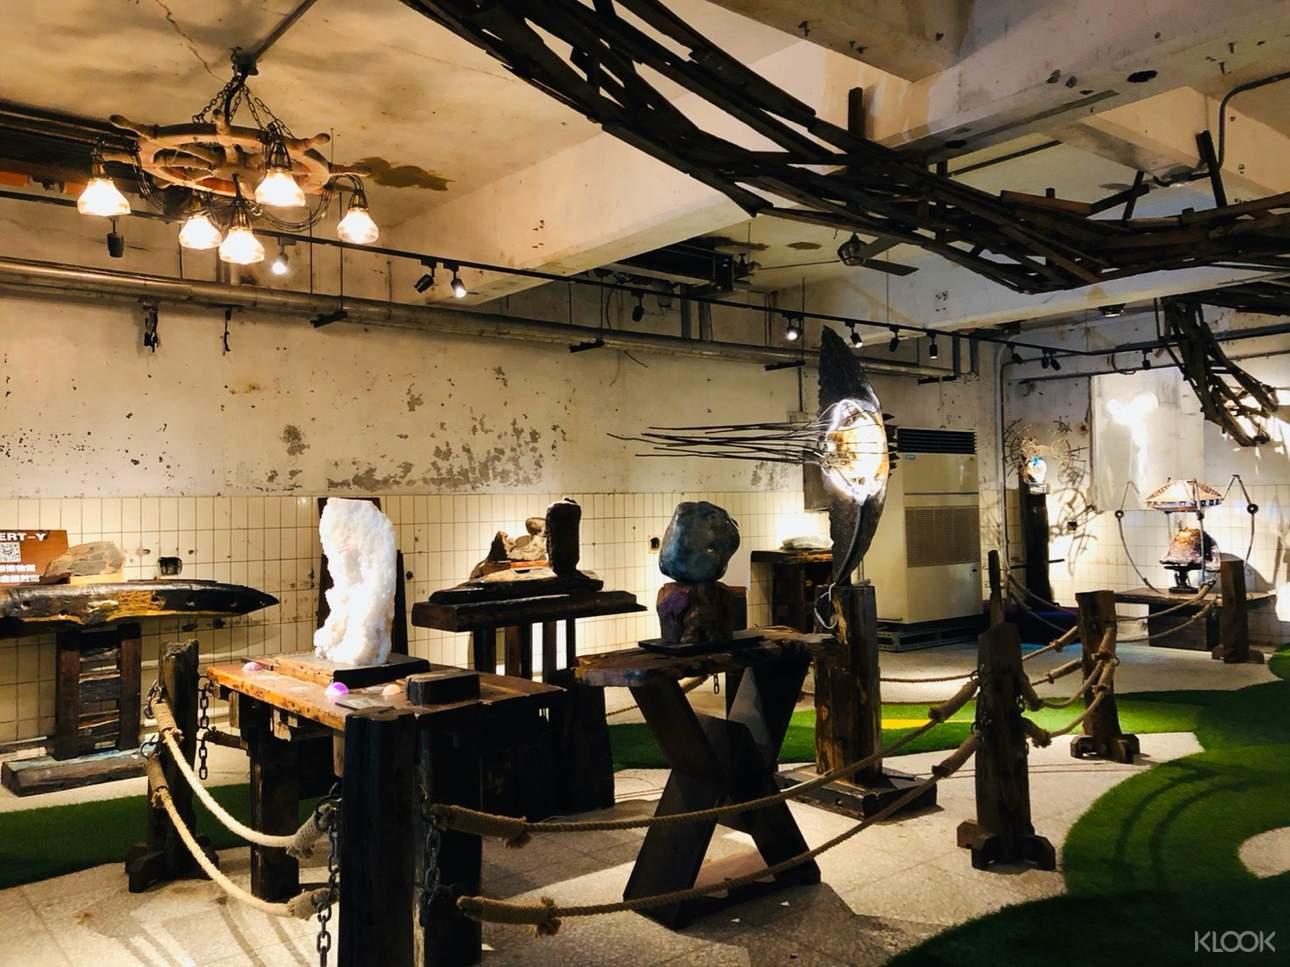 館內展出豐富的原創藝術品,是宜蘭蘇澳躲雨躲太陽的絕佳室內景點